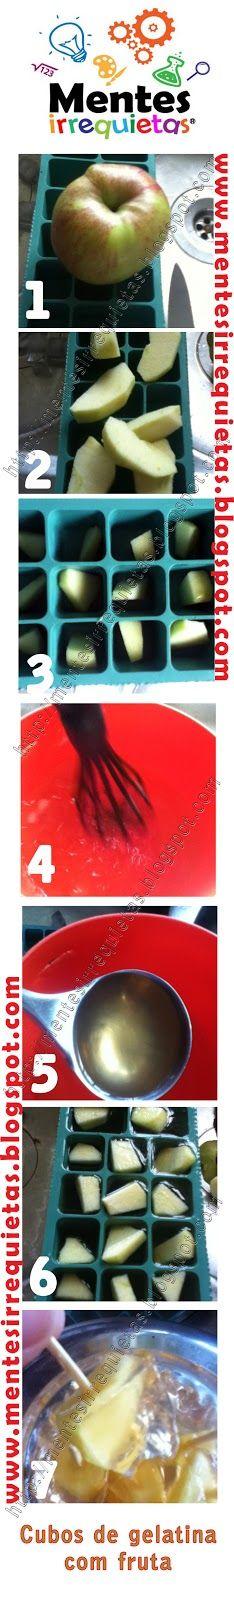 Gelatina com fruta em cuvette de gelo: Fruta Ems, Ems Cuvette, Cuvette De